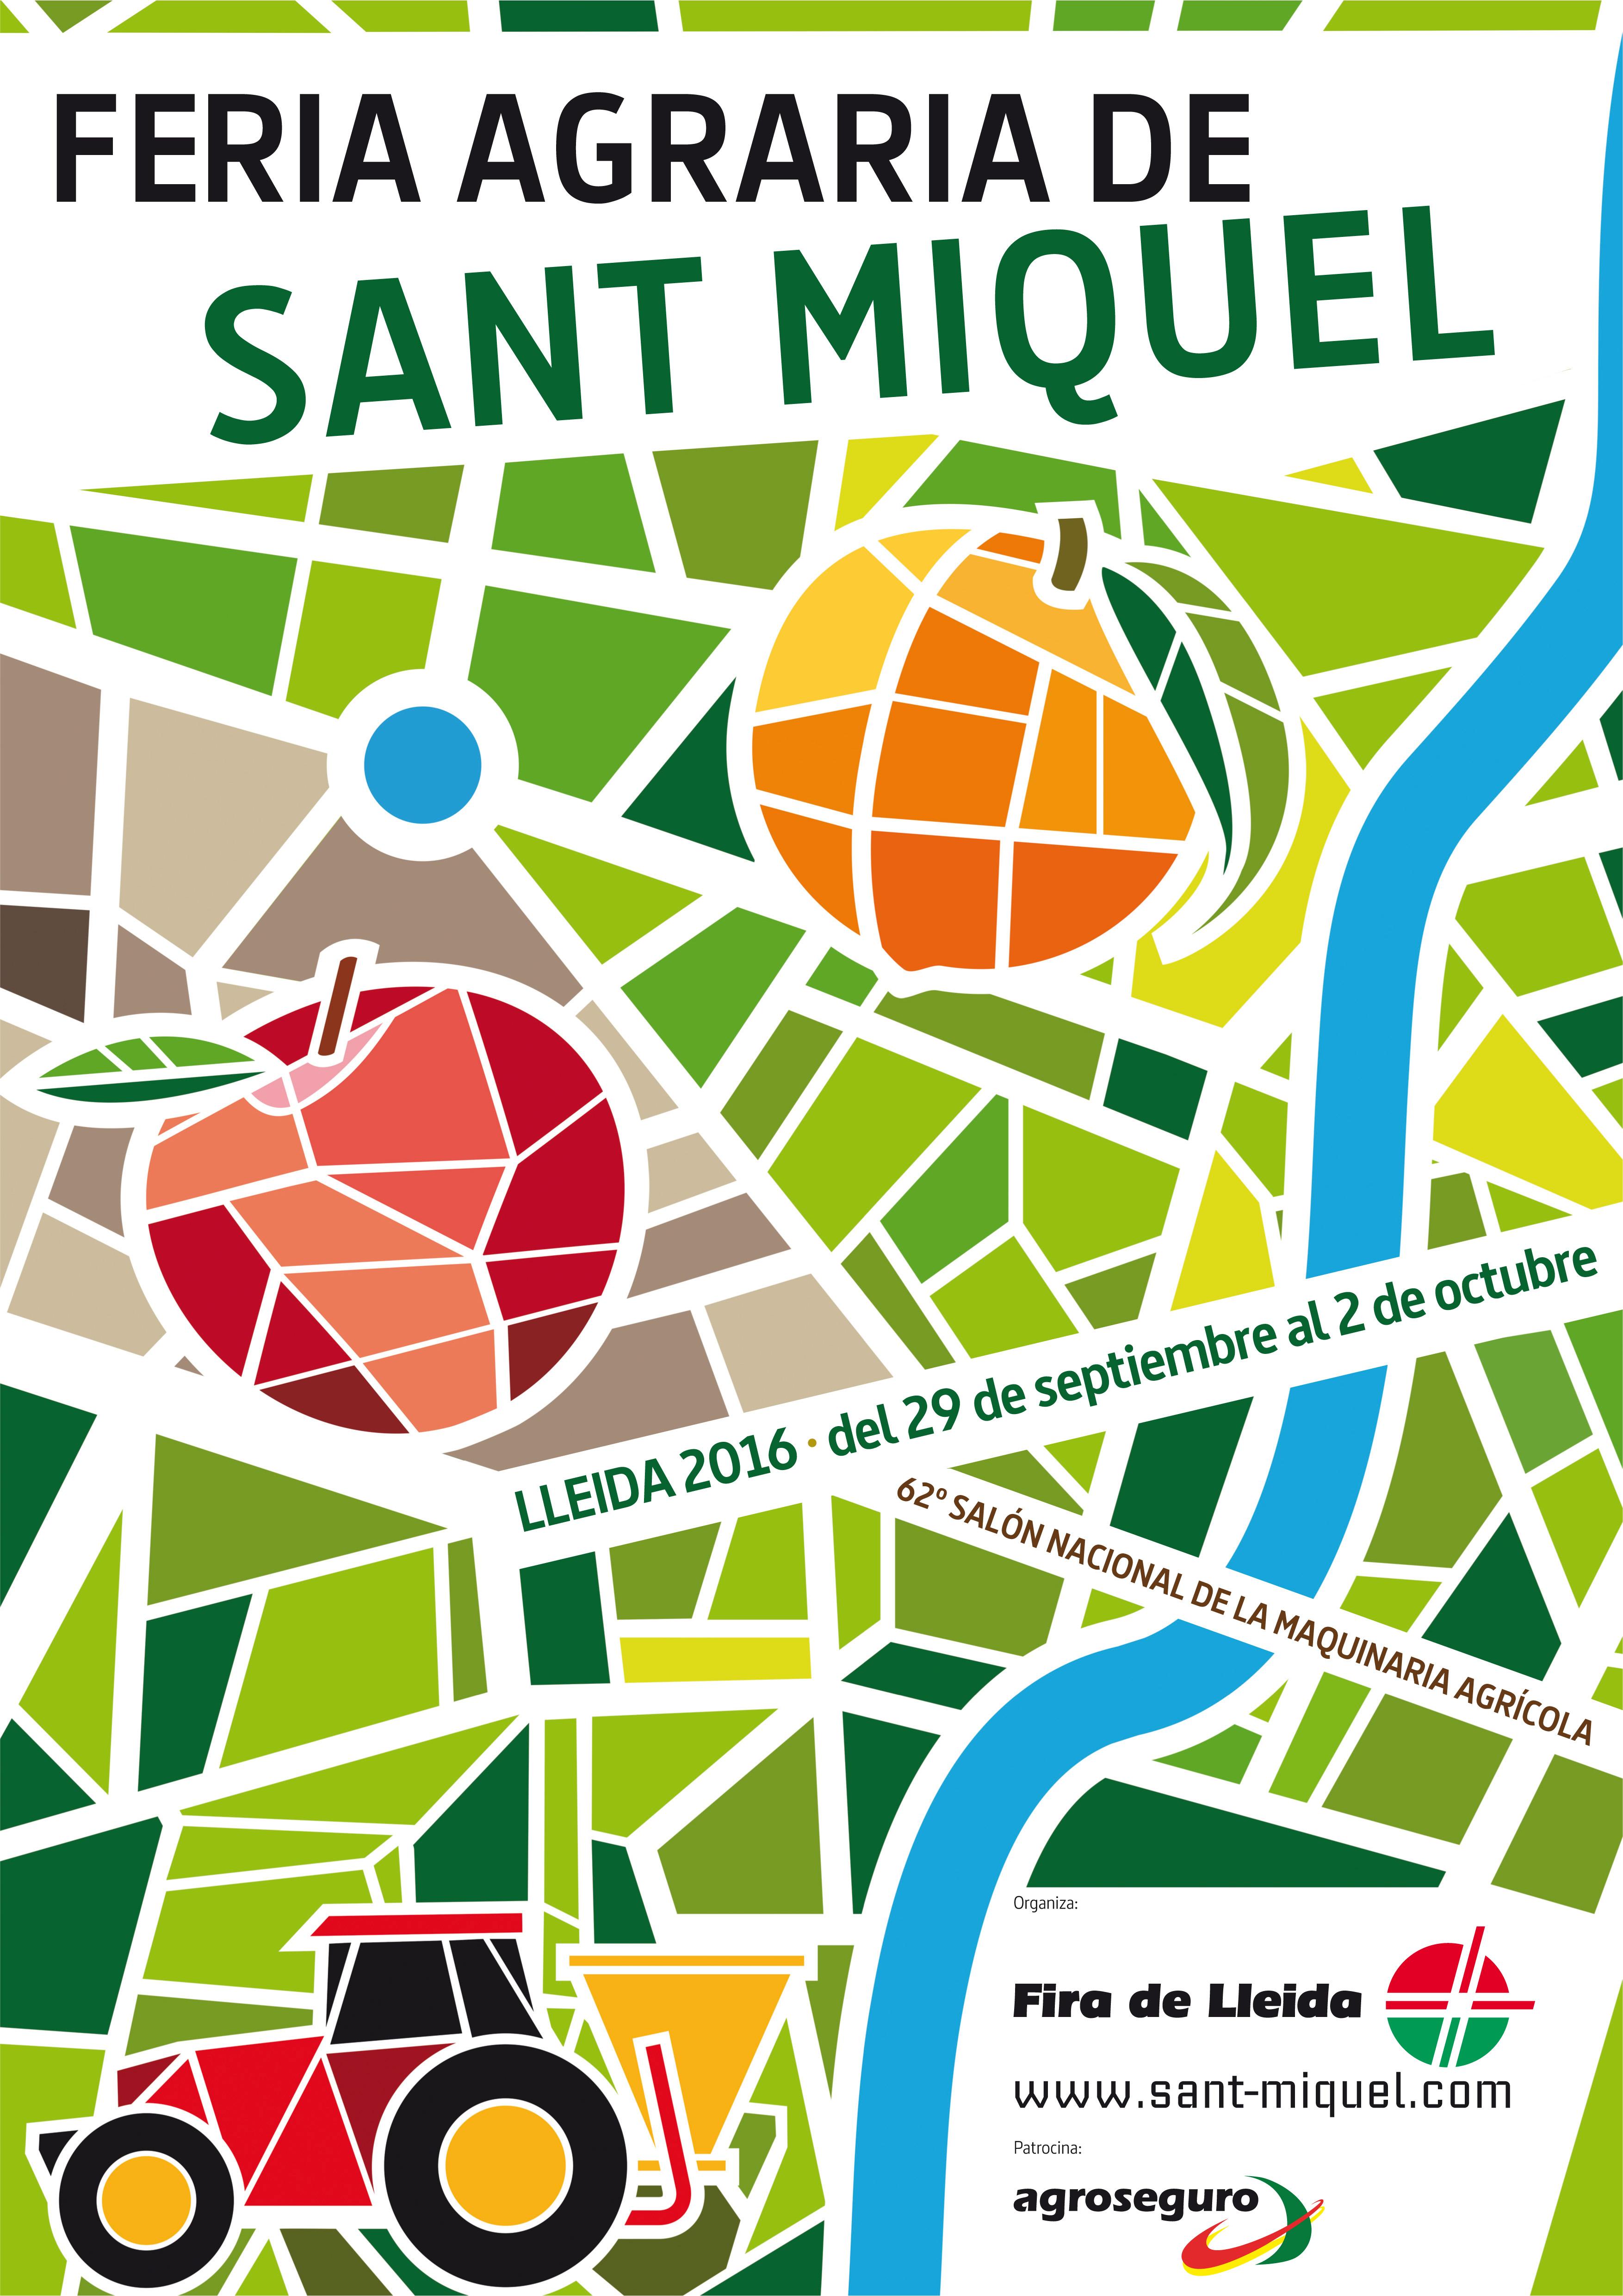 Amatex exhibirá sus productos en la Feria Agraria de Sant Miquel de Lleida a finales de septiembre